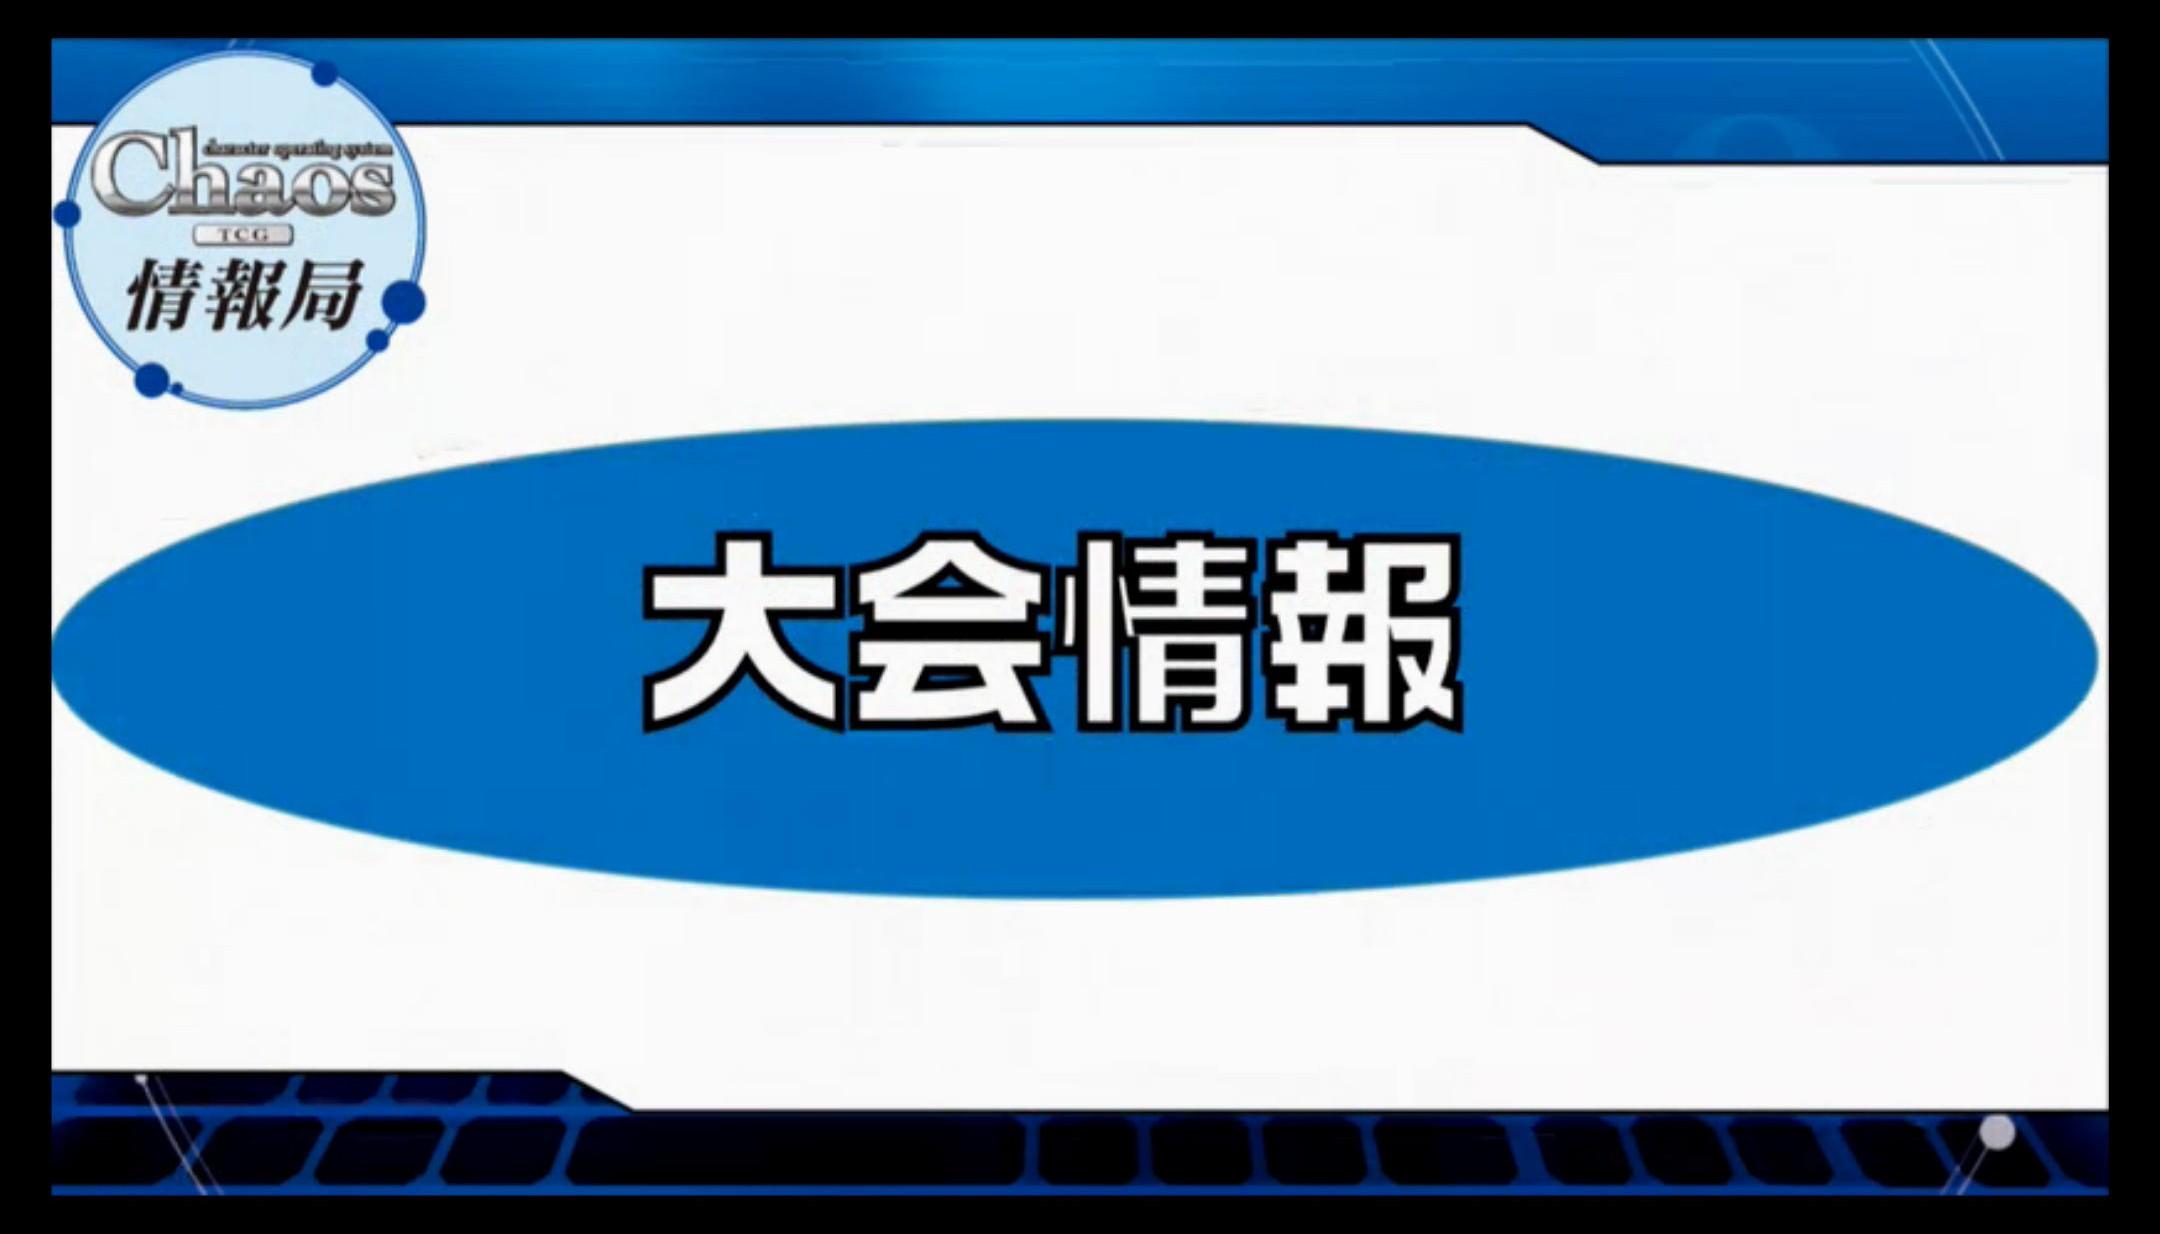 bshi-live-170601-037.jpg